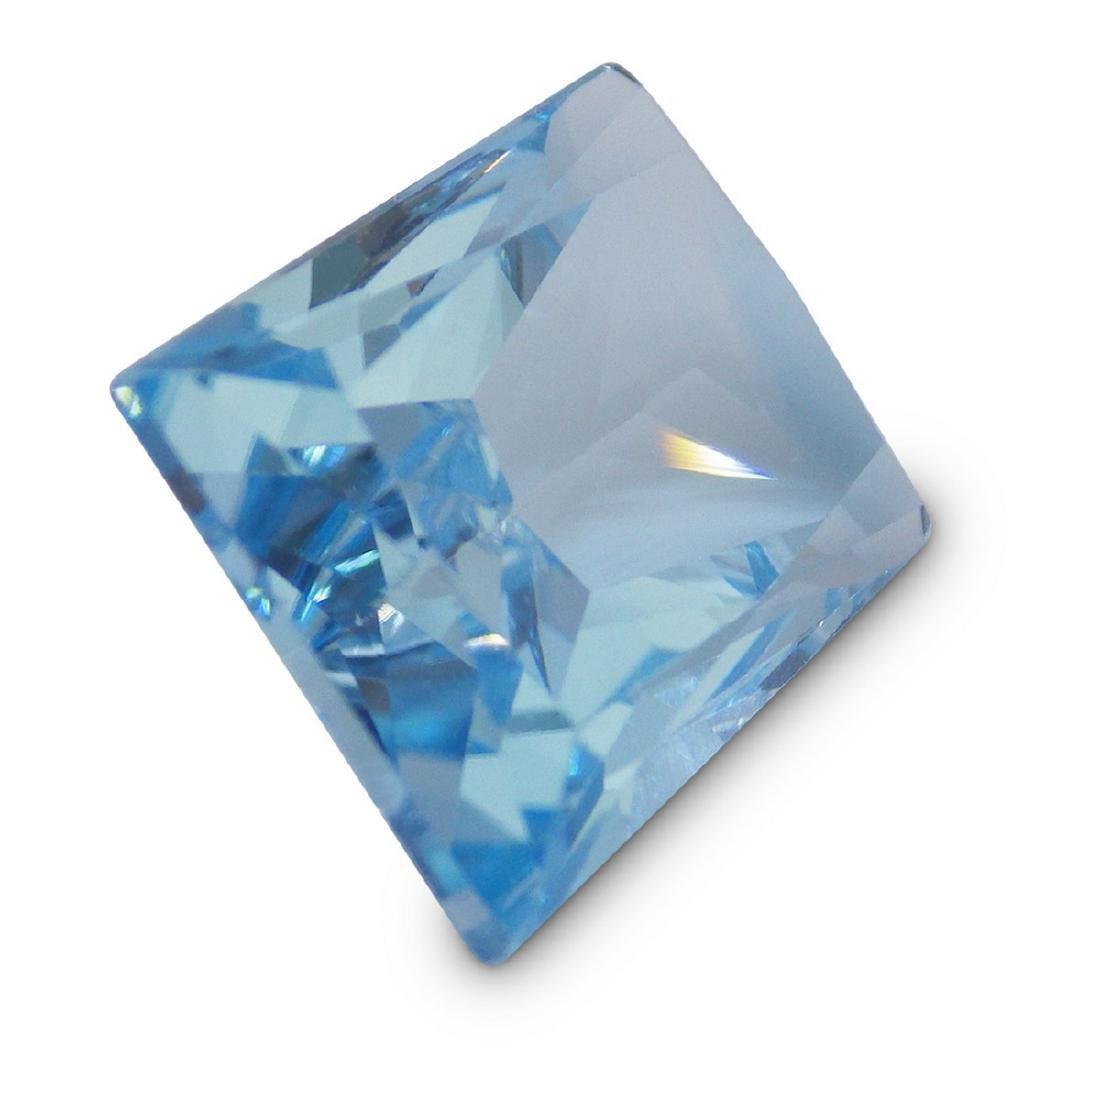 19.61 Carat Loose Emerald Blue Topaz - 6